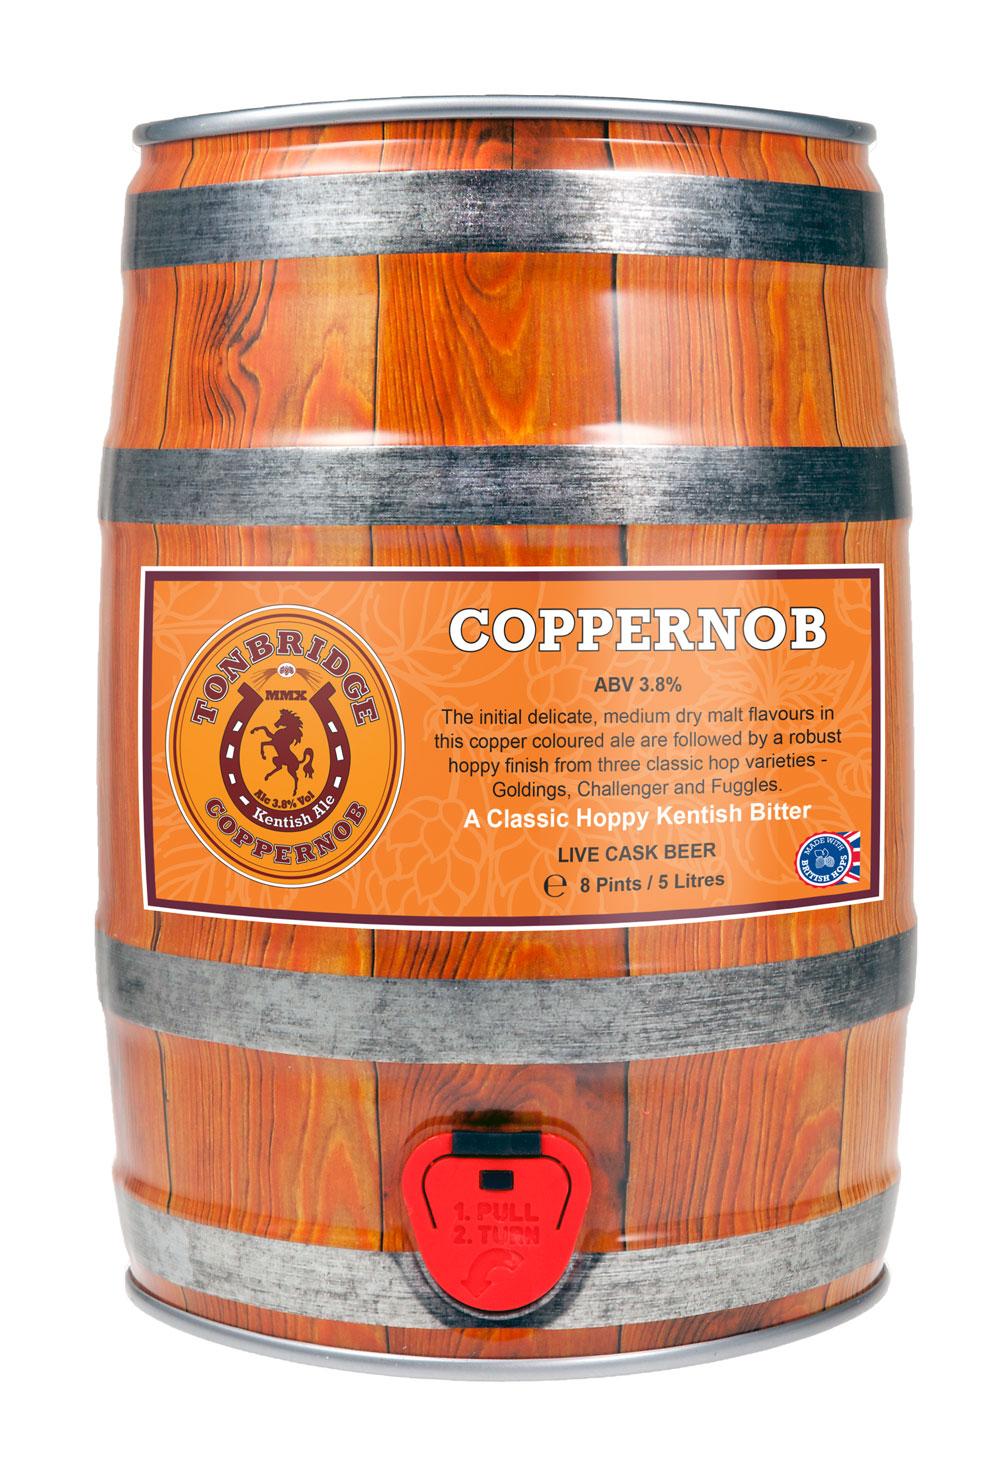 Coppernob 3.8%